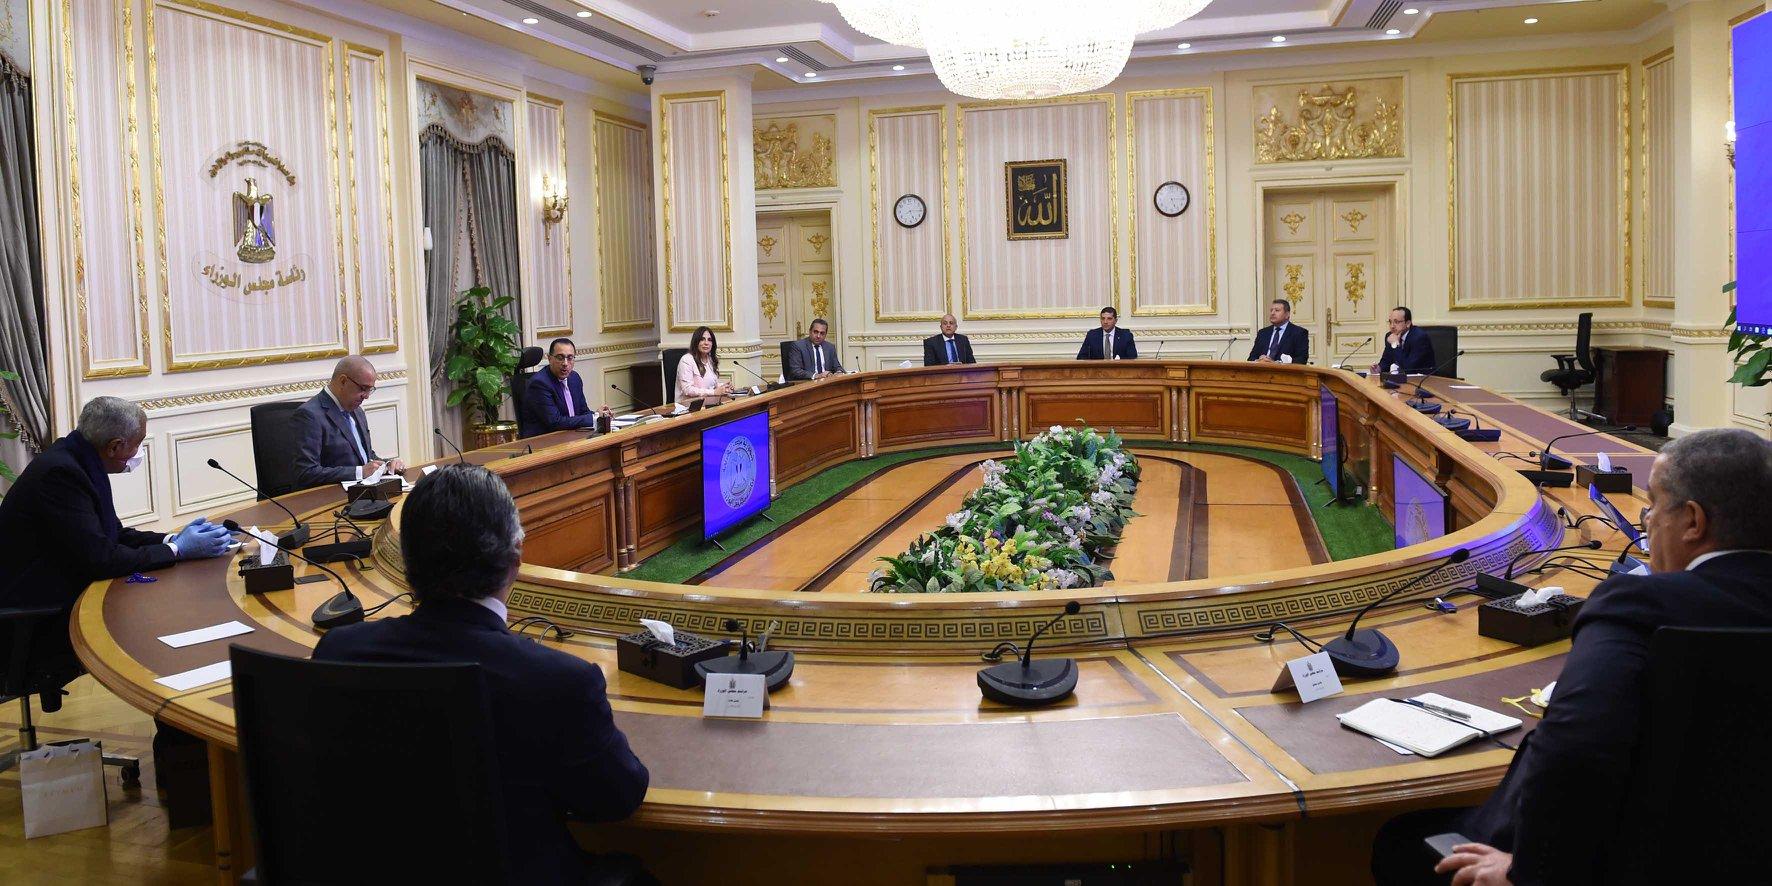 صحف القاهرة تبرز اجتماع اللجنة الوزارية الاقتصادية لبحث مستقبل الاقتصاد ما بعد كورونا